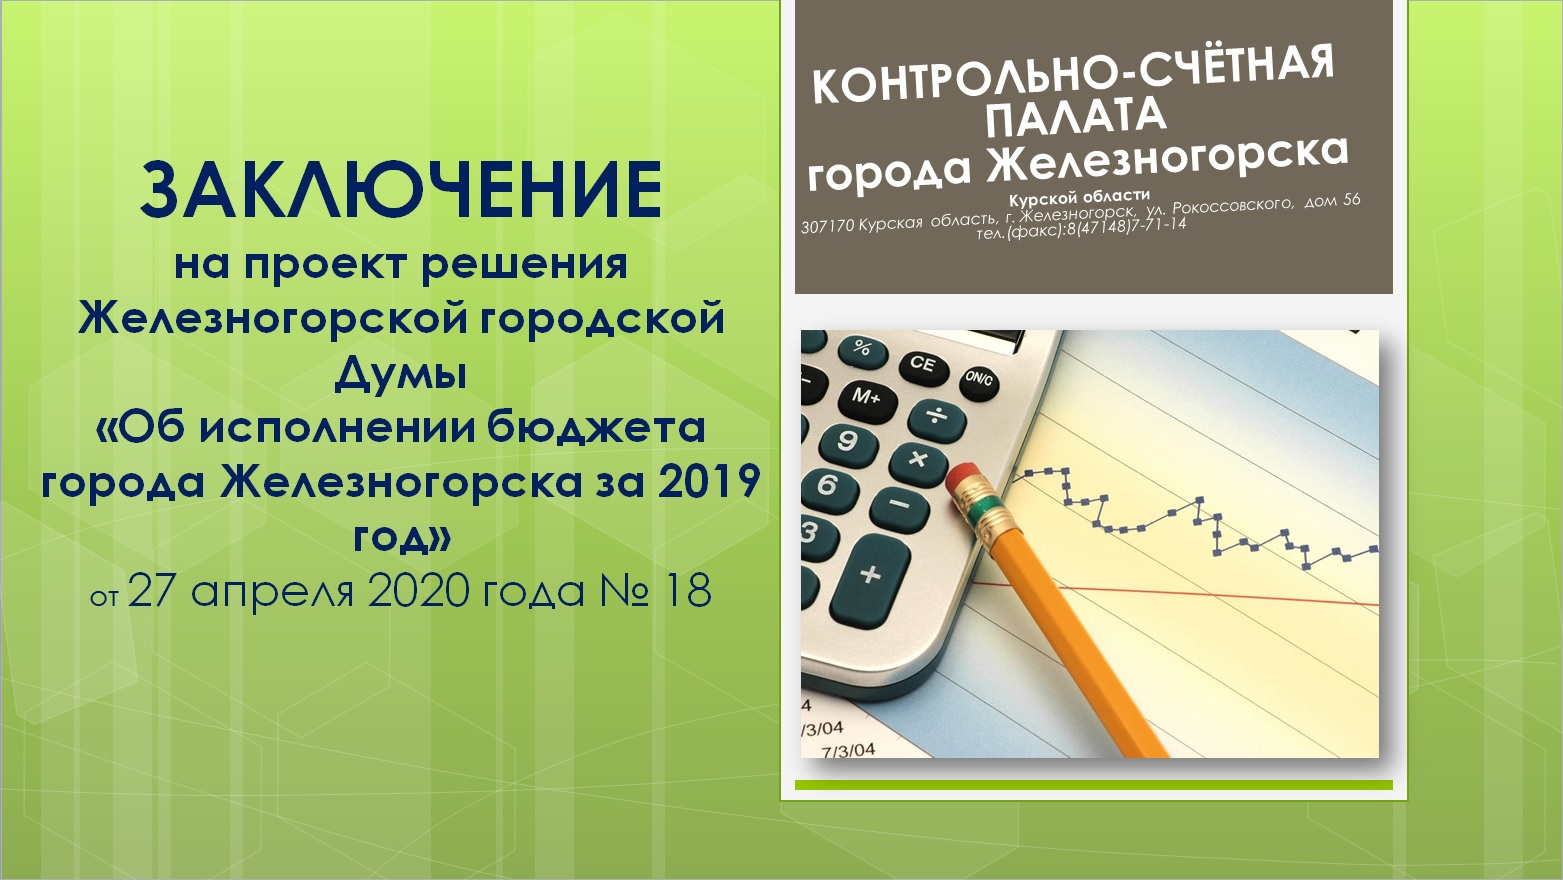 Отчет об исполнении бюджета города Железногорска